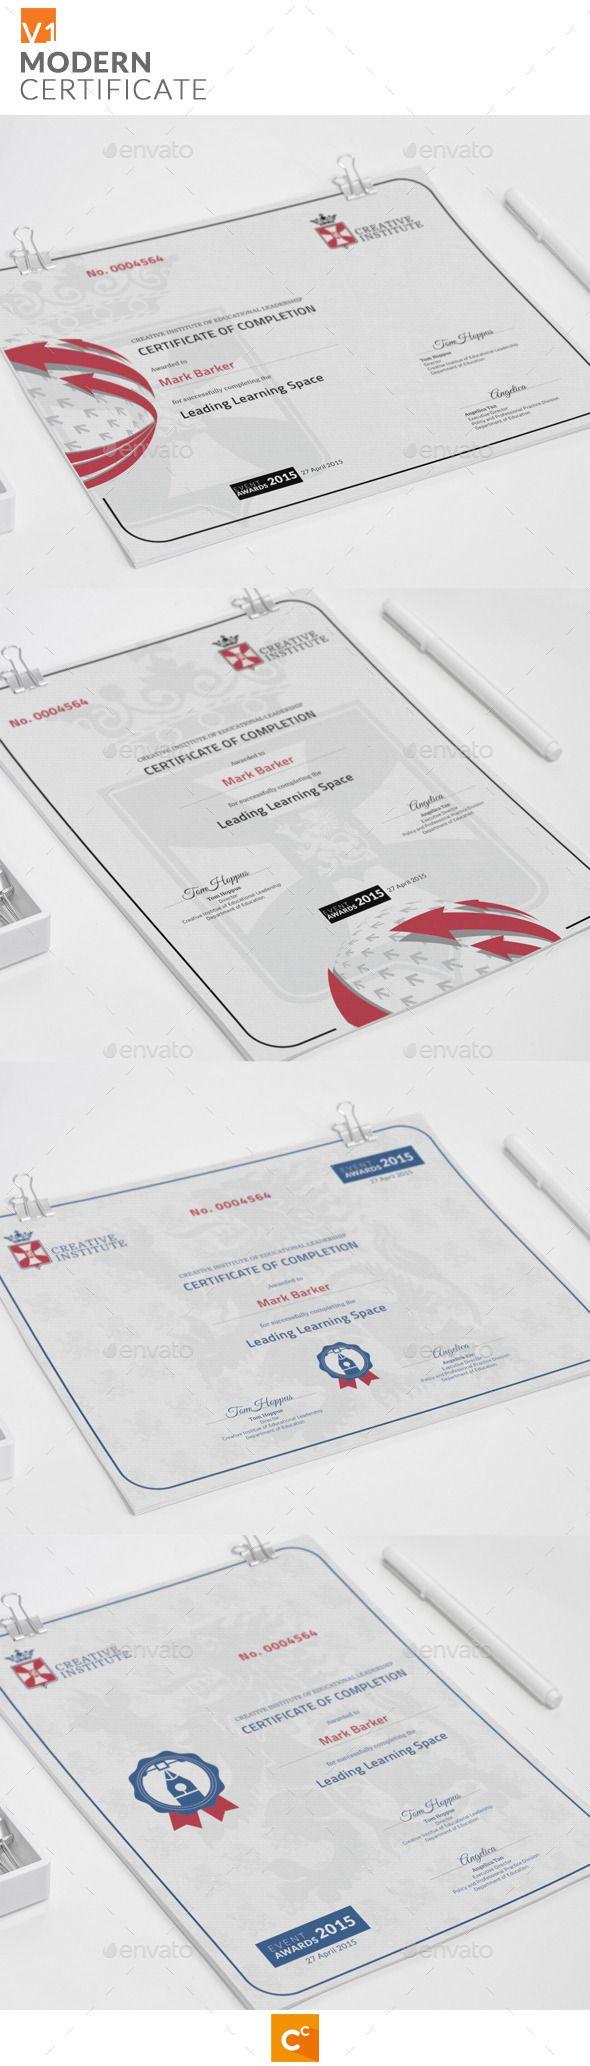 certificate paper template - Roberto.mattni.co